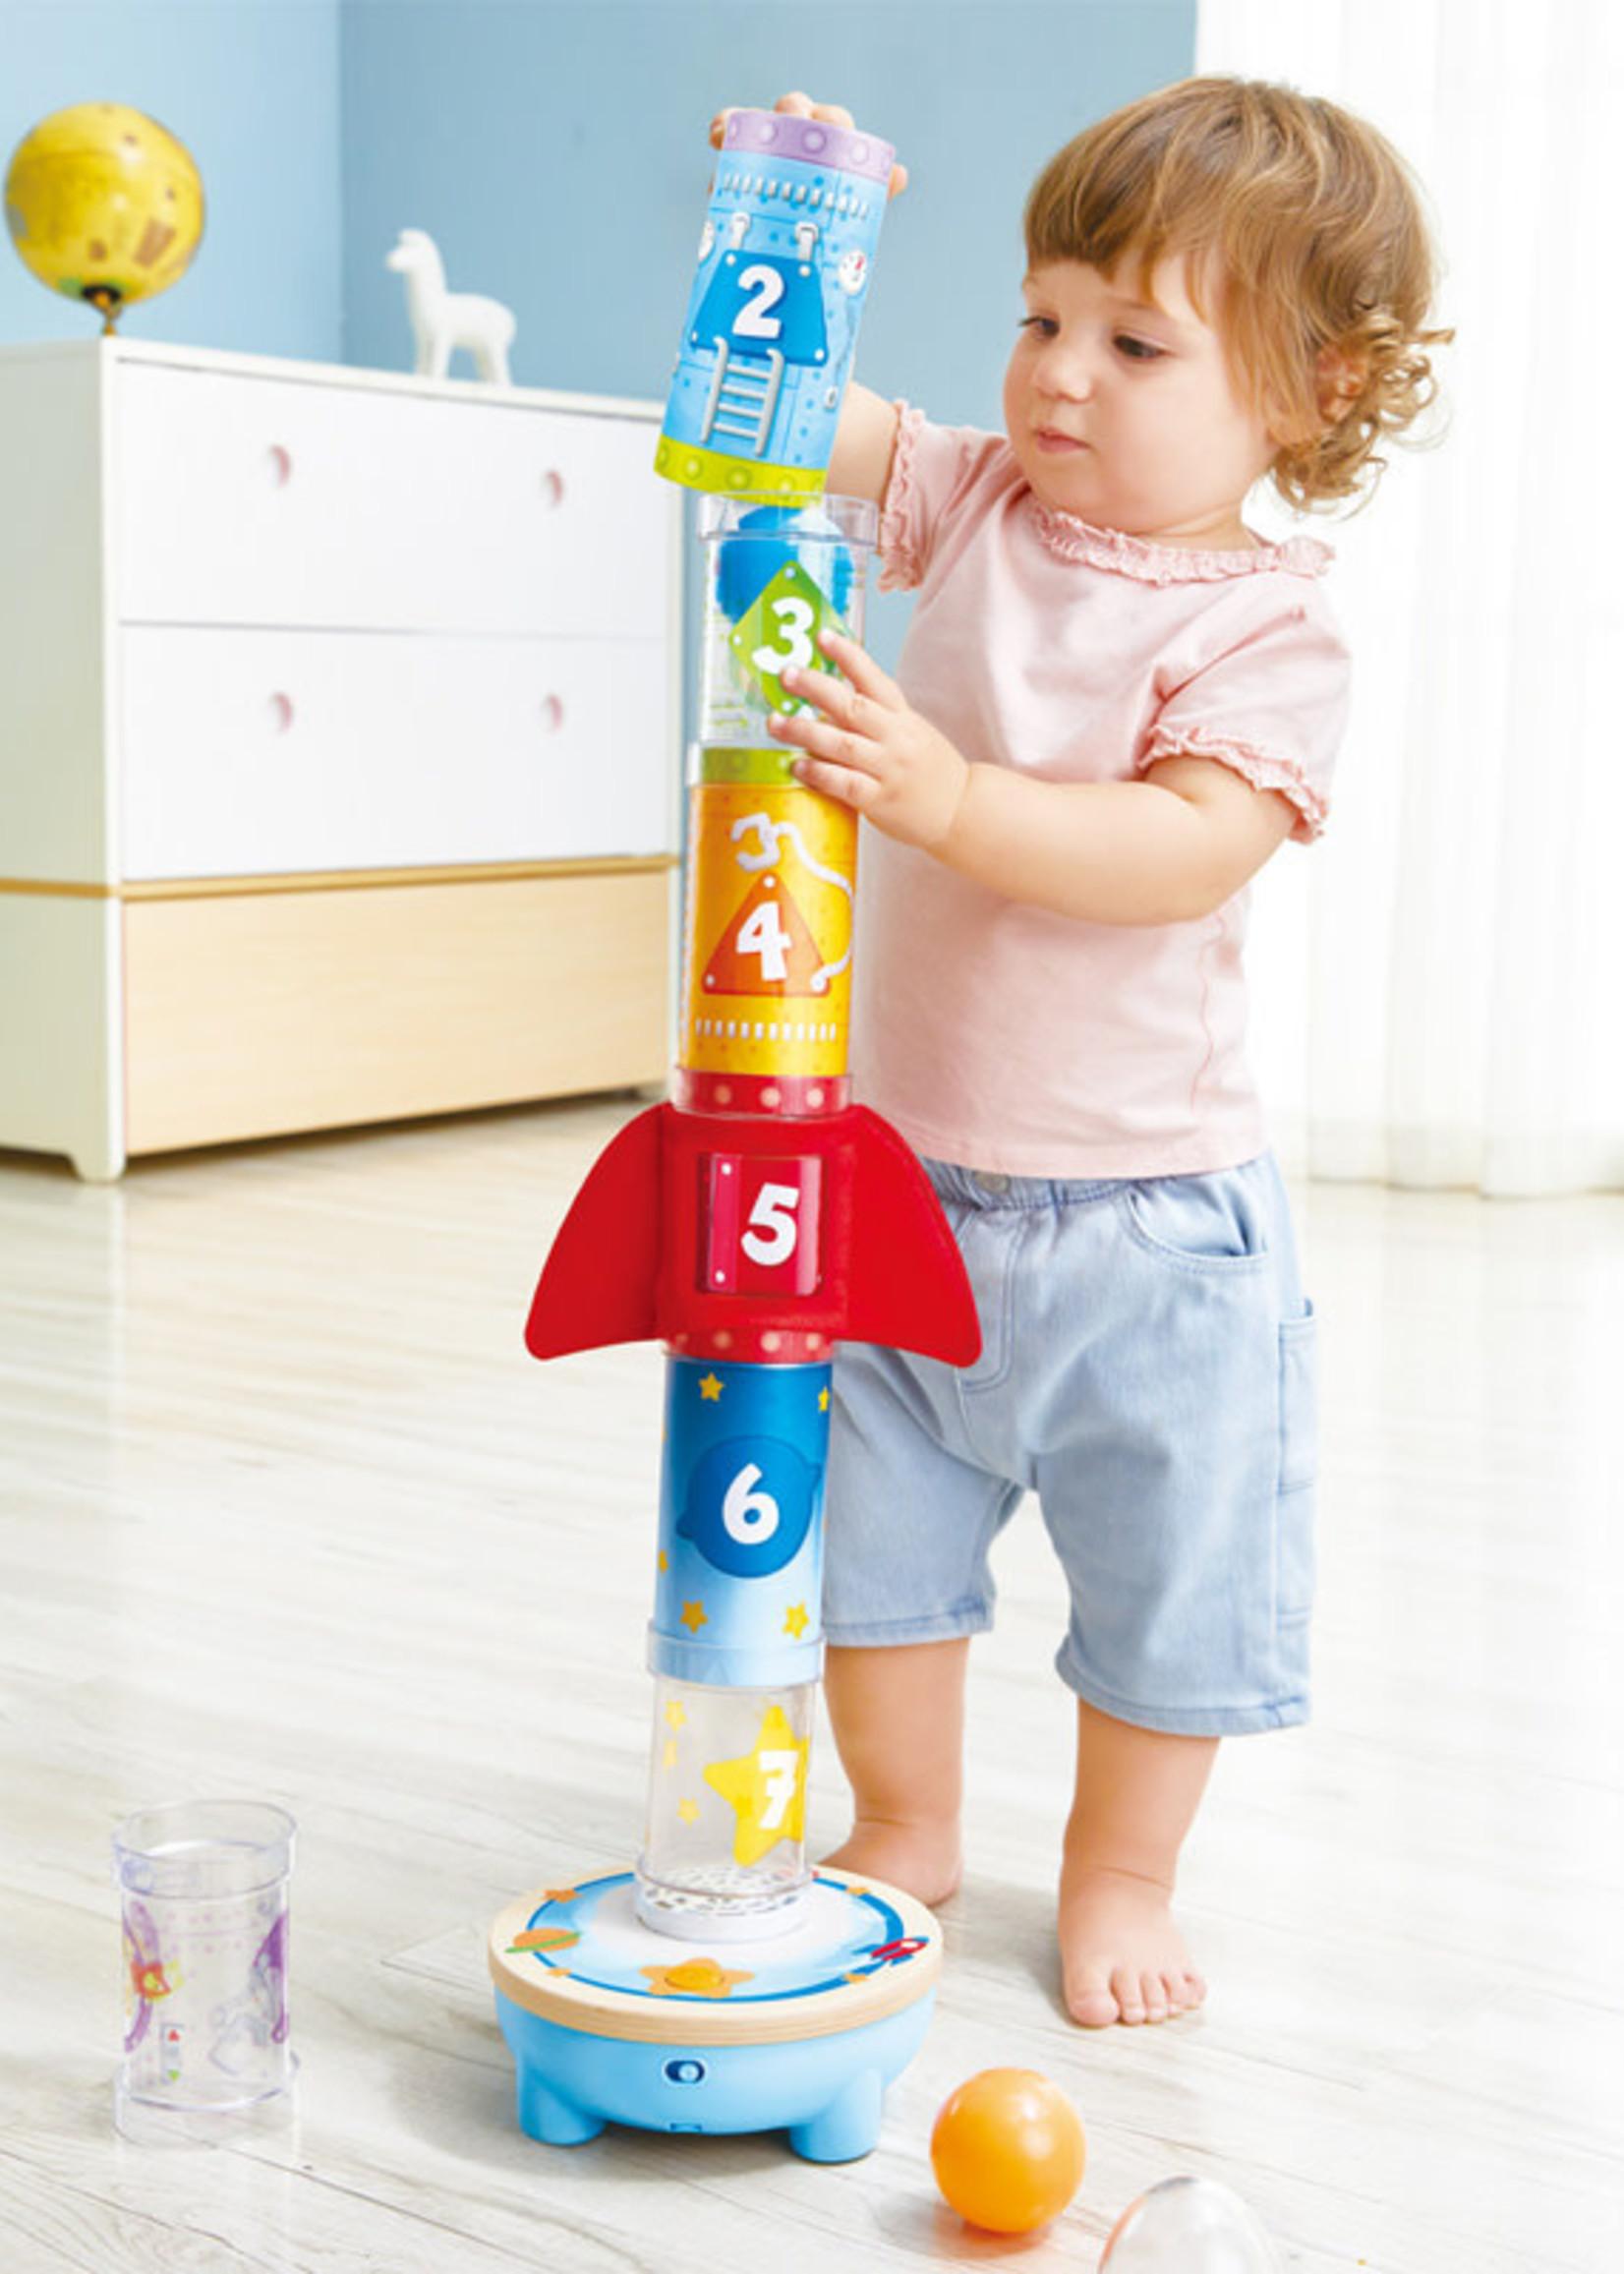 Hape Hape Rocket Ball Air Stacker